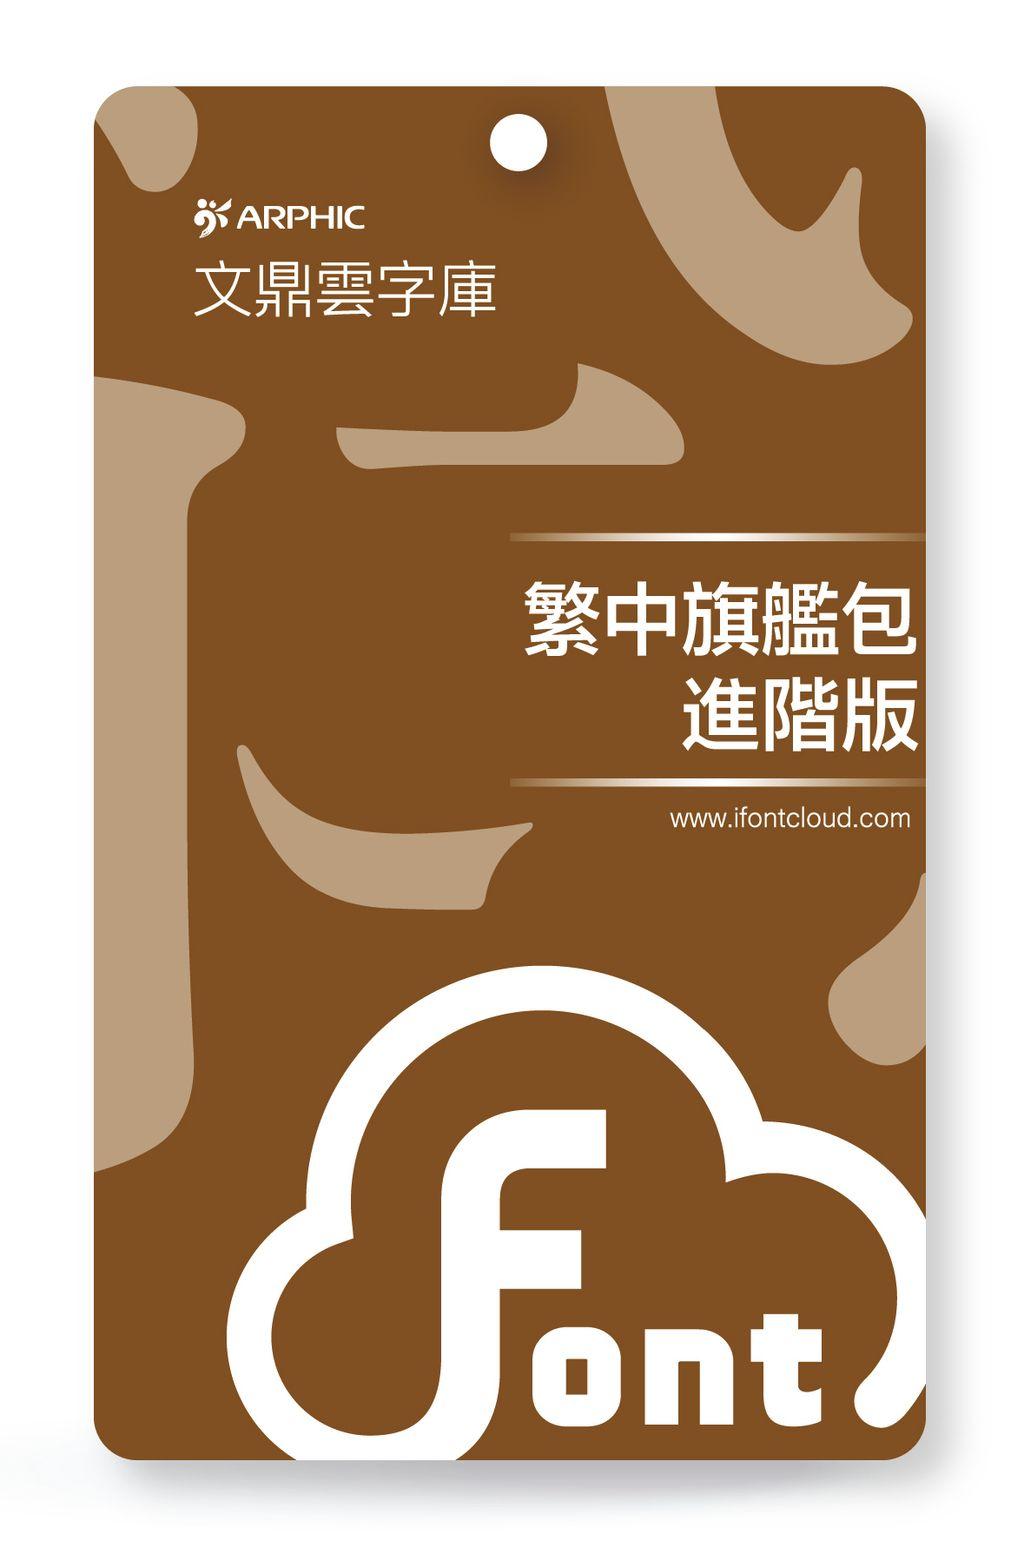 iFontCloud_arphic_card_1.jpg